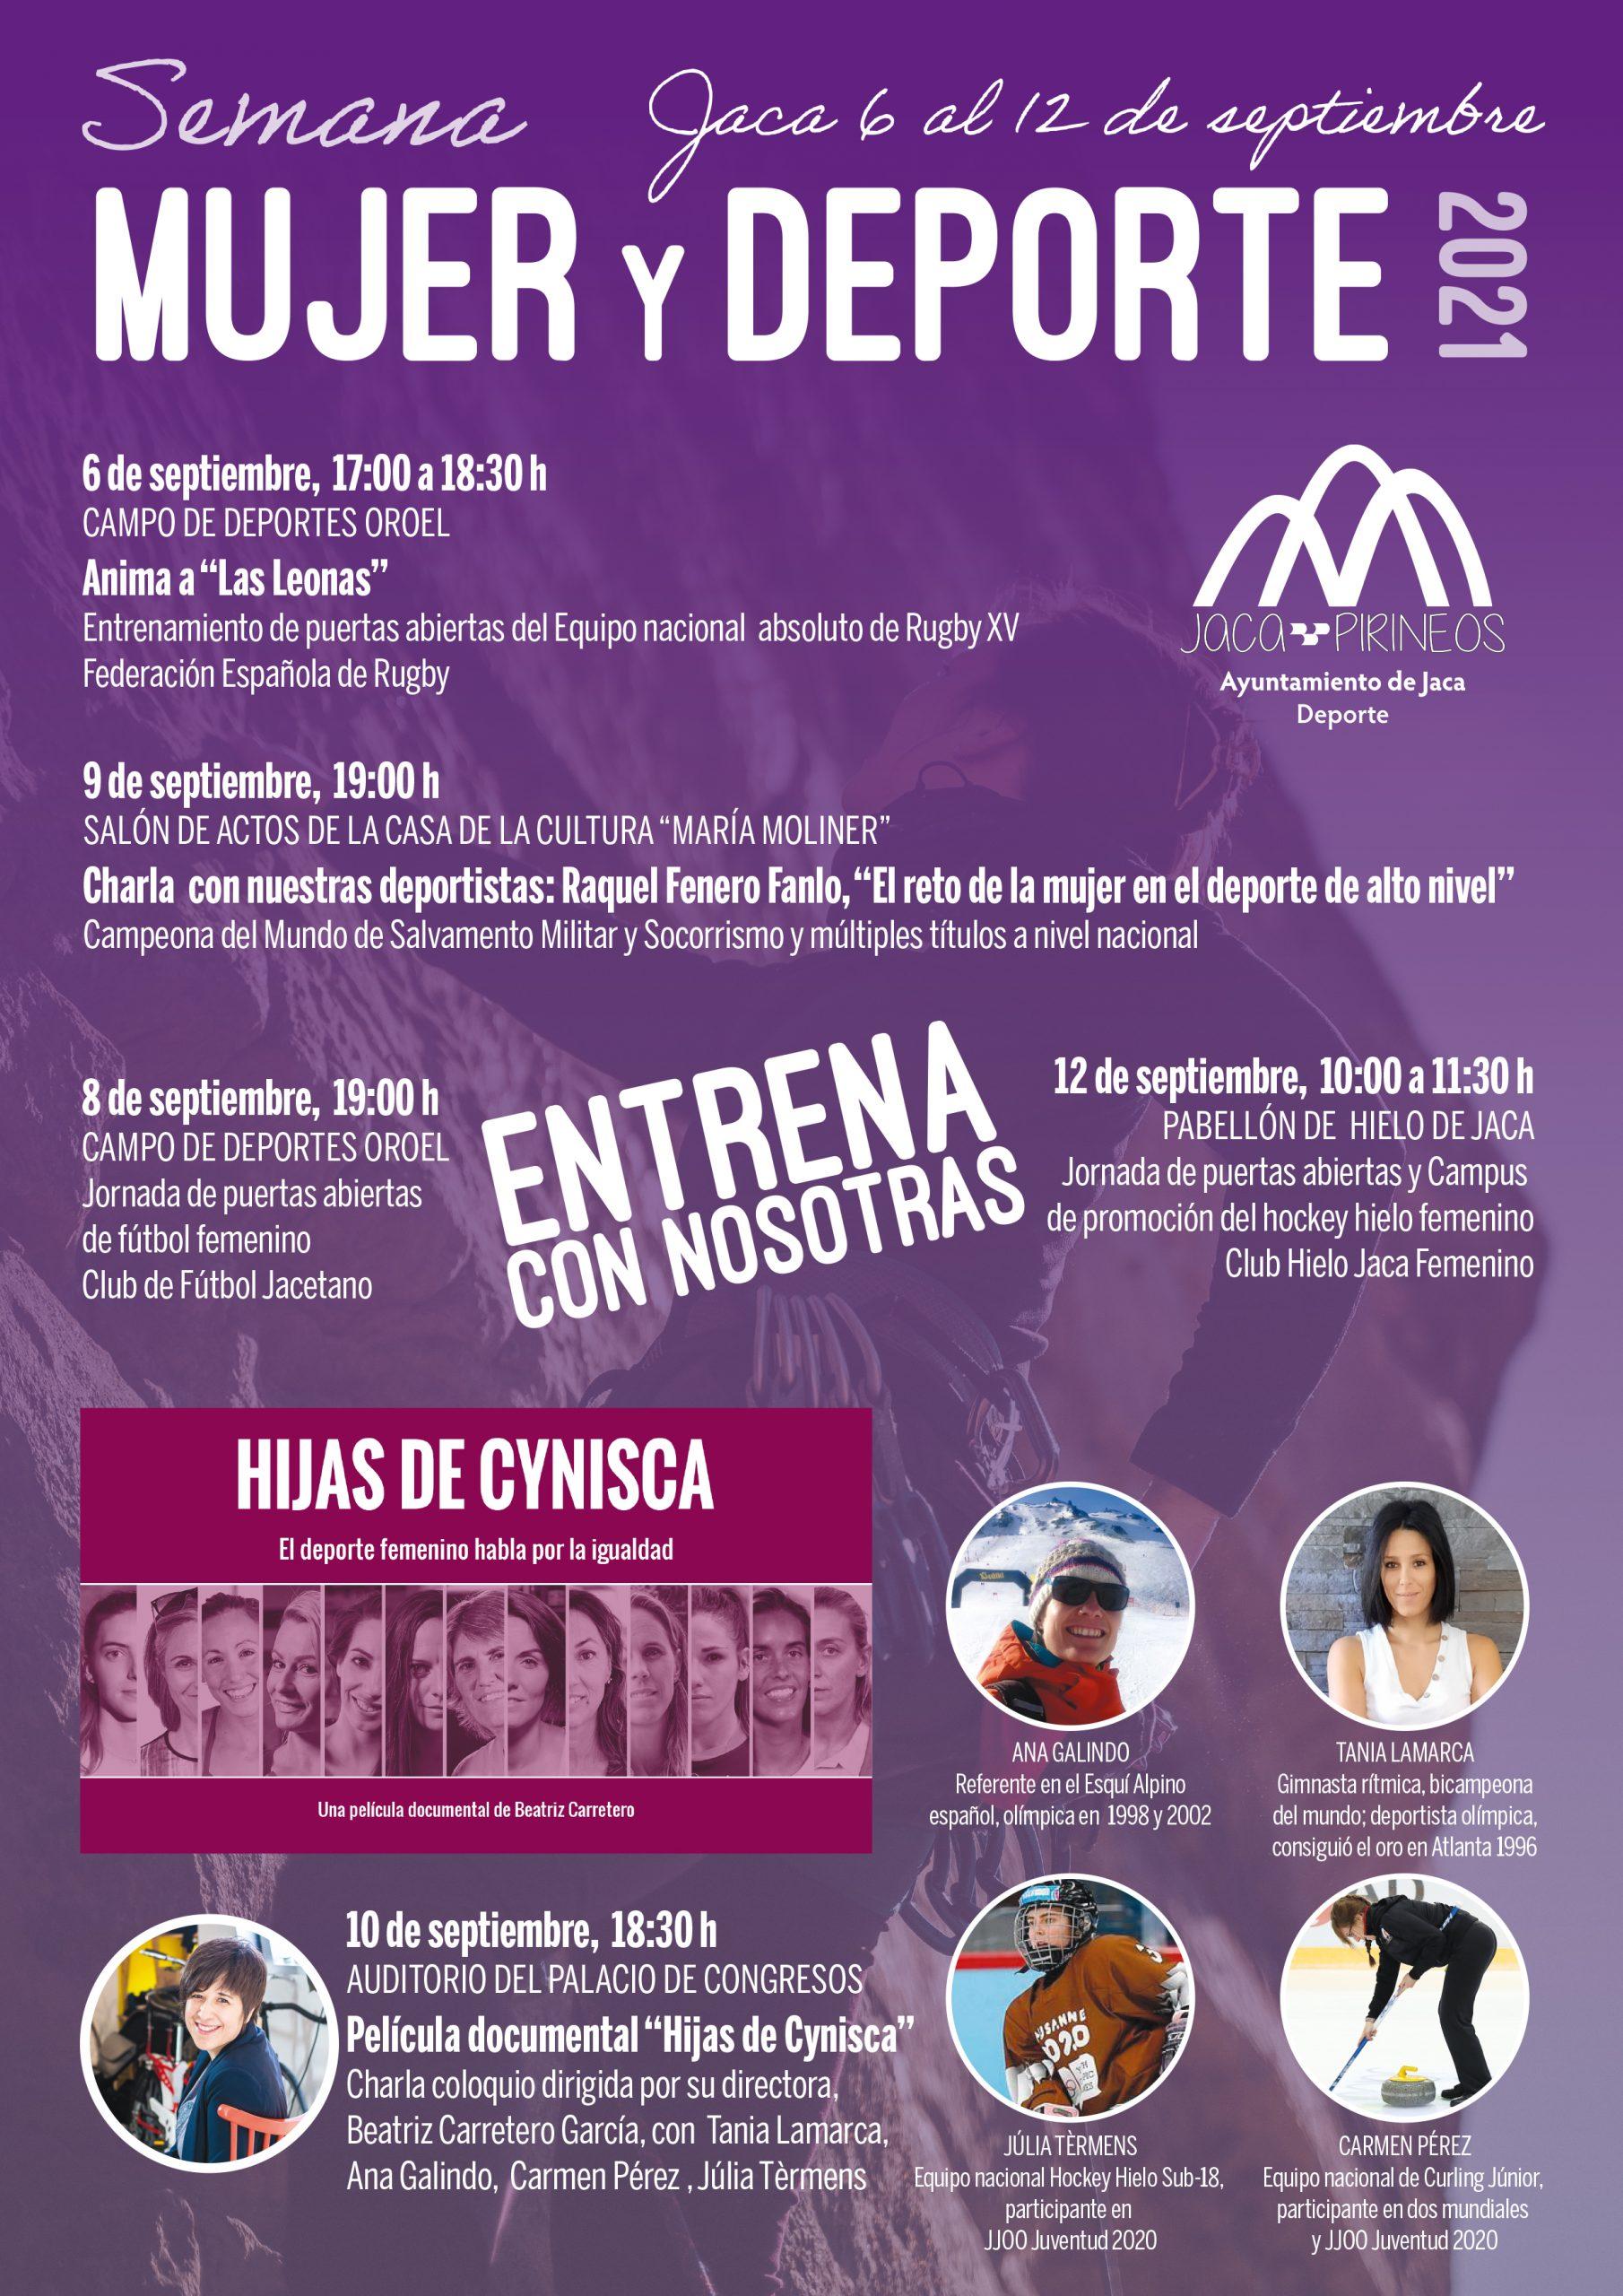 Semana Mujer y Deporte Jaca, del 6 al 12 de septiembre